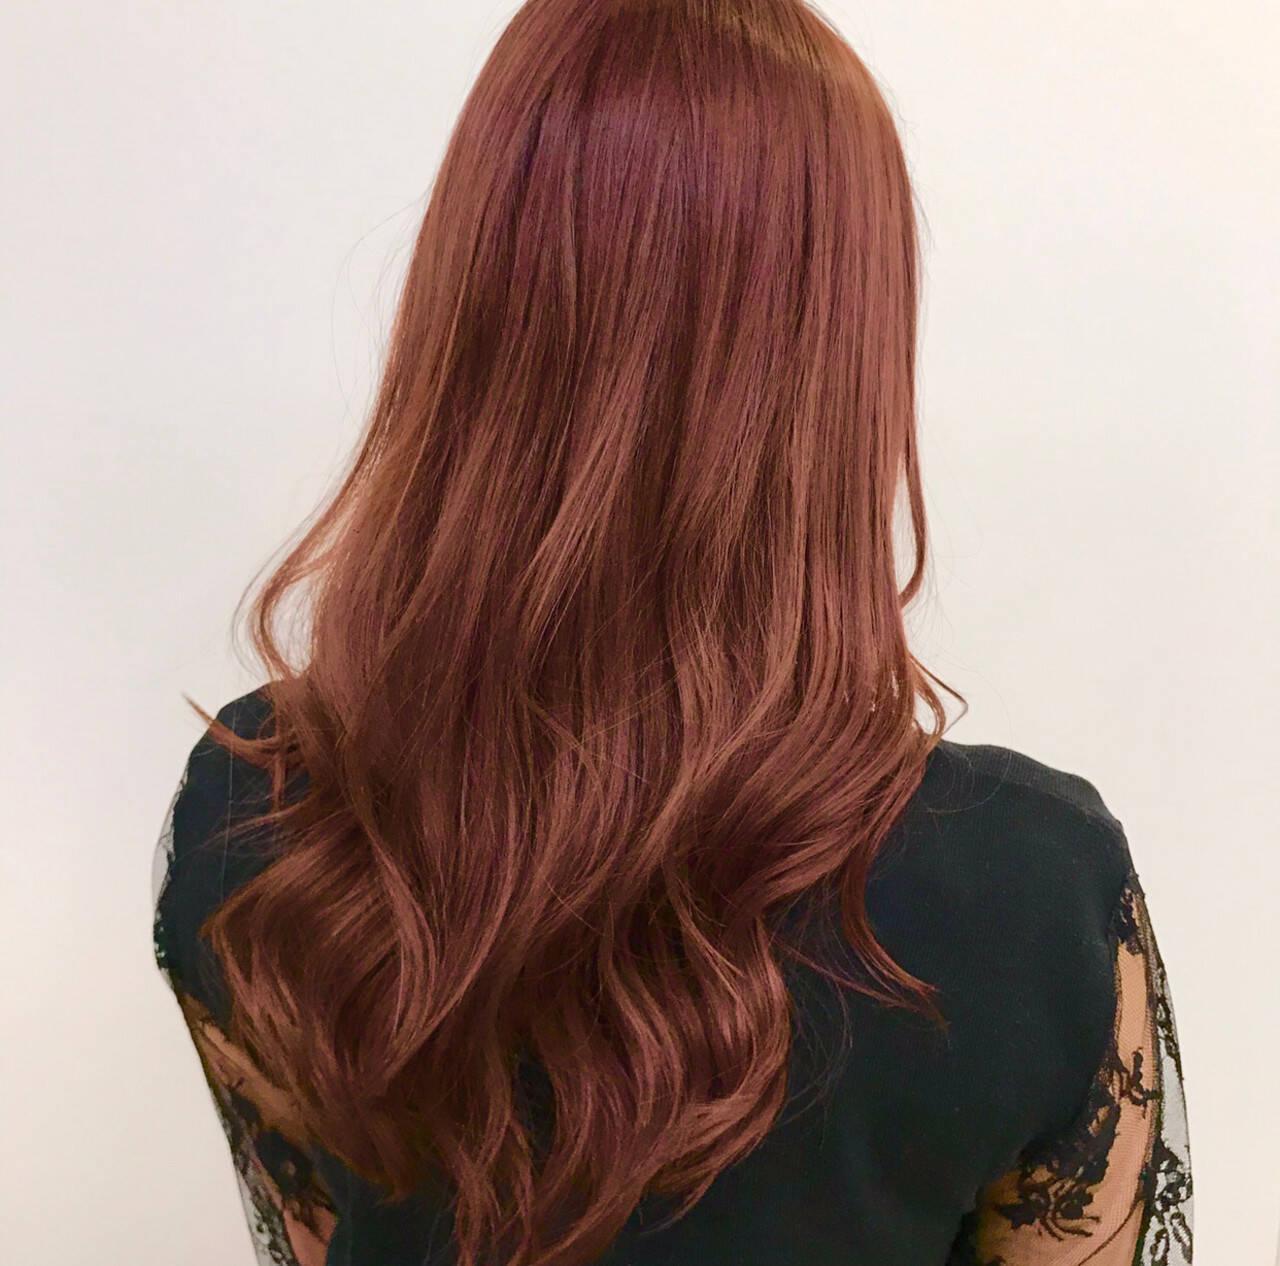 ピンクブラウン ピンク フェミニン レッドブラウンヘアスタイルや髪型の写真・画像